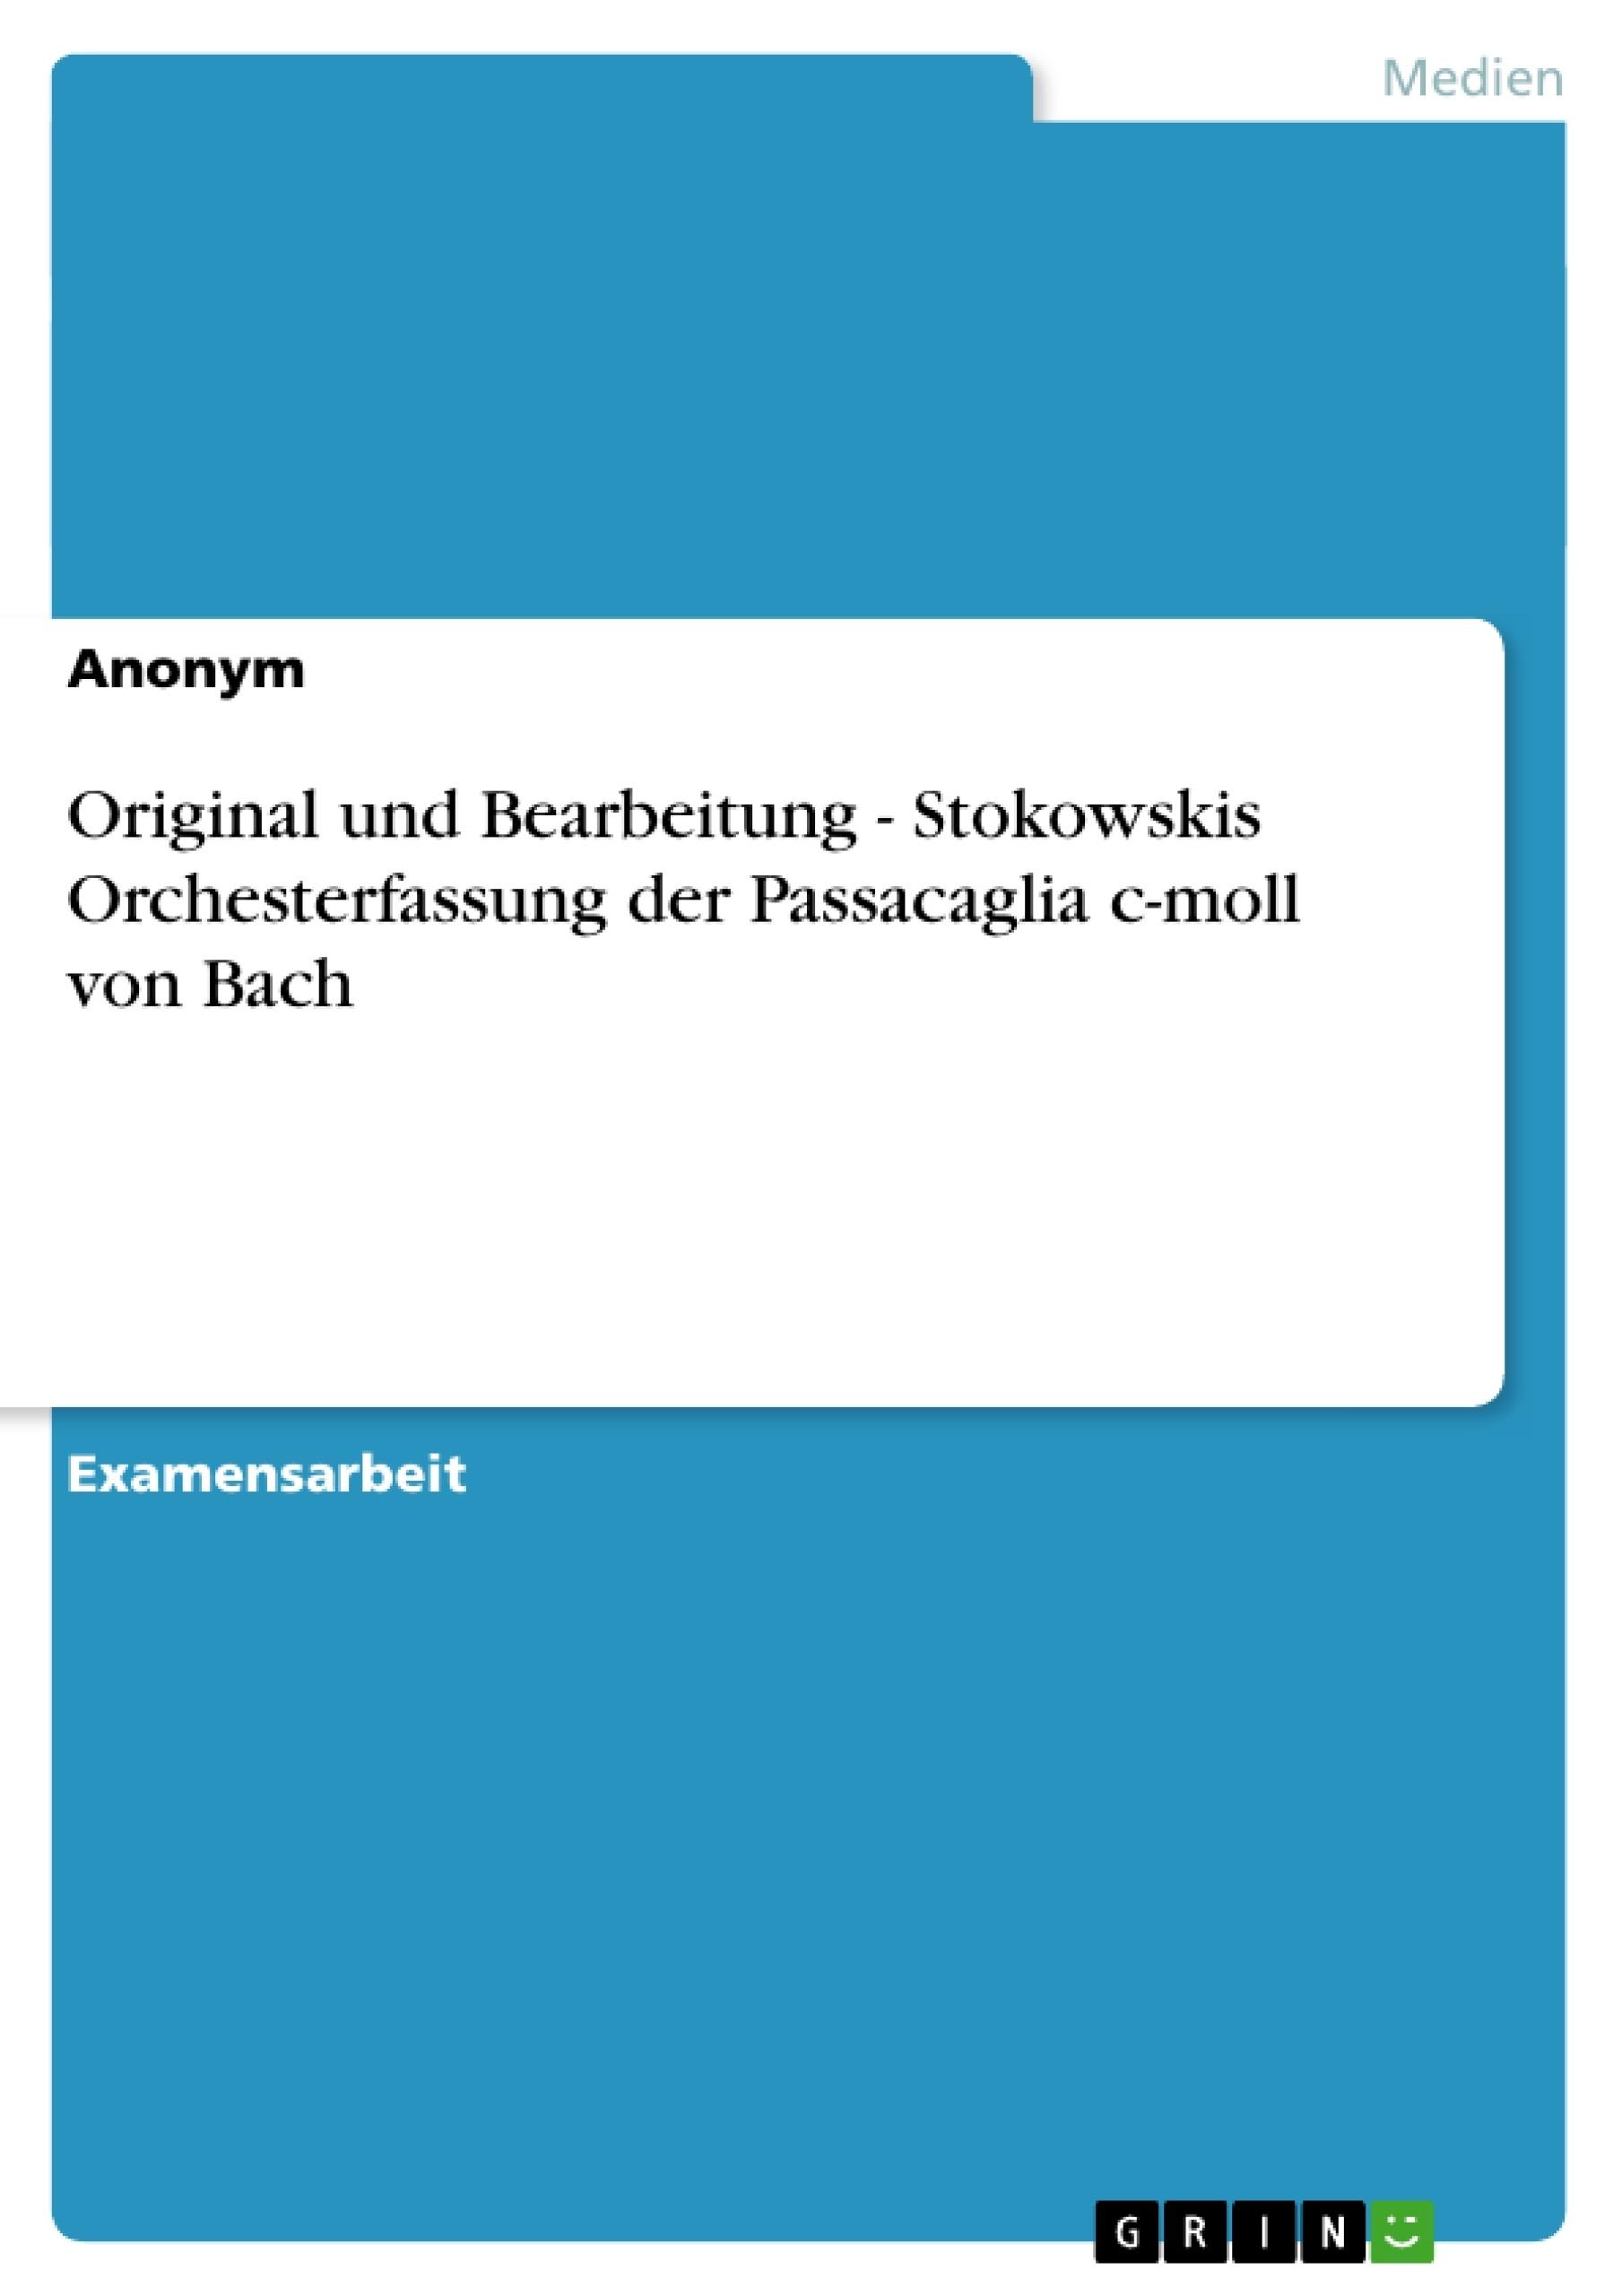 Titel: Original und Bearbeitung - Stokowskis Orchesterfassung der Passacaglia c-moll von Bach